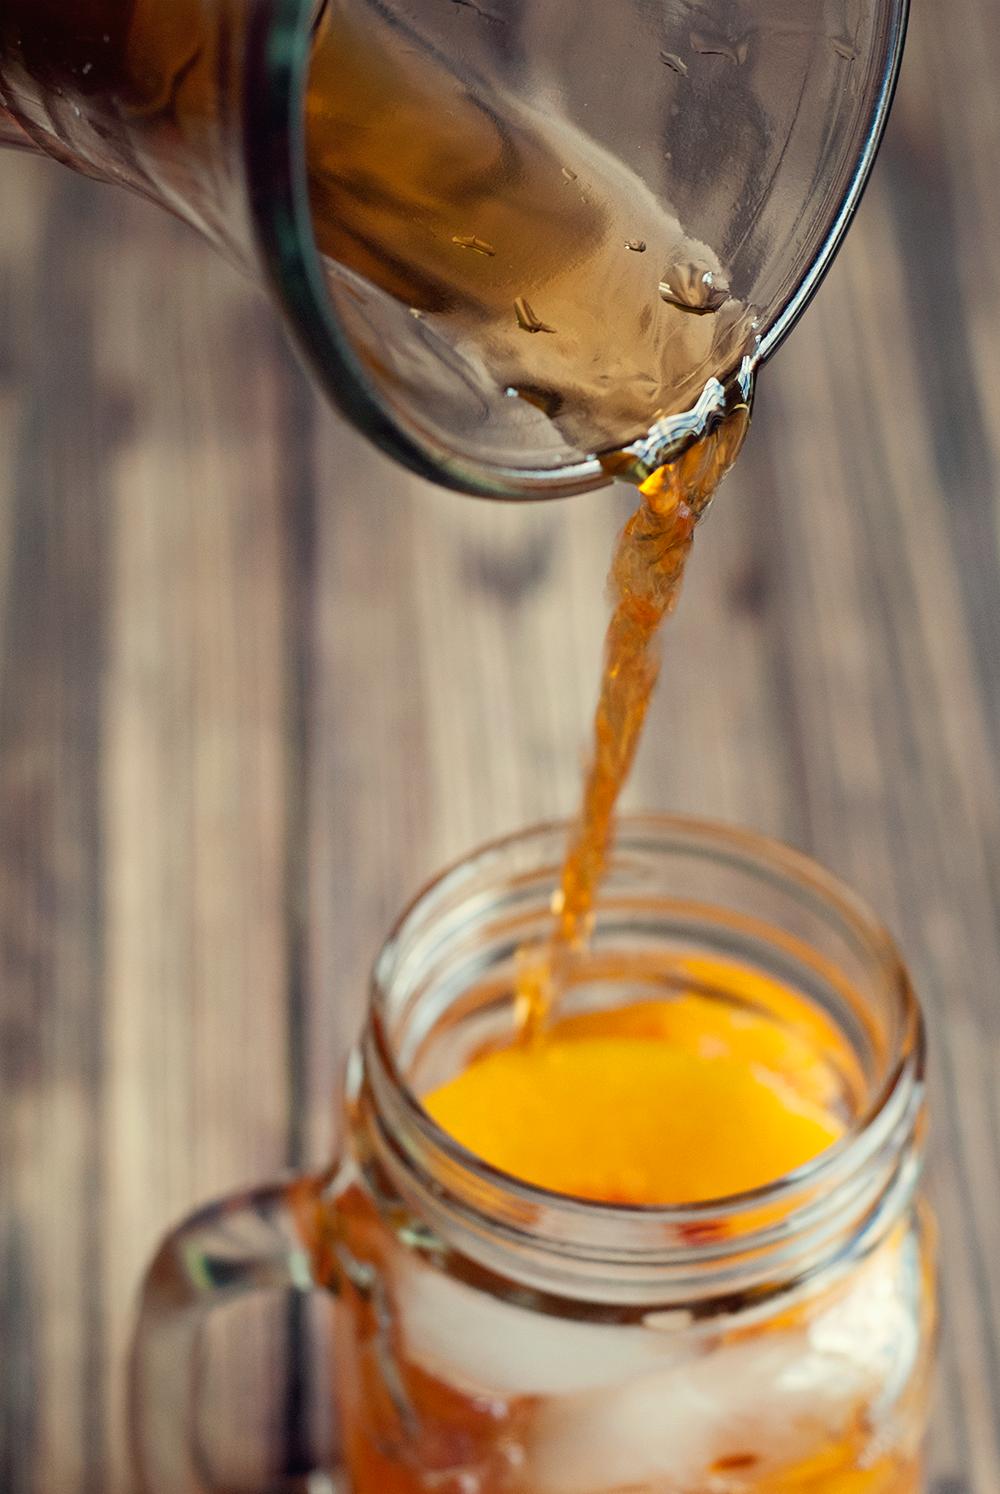 Lipton Peach Iced Tea by A Simple Pantry #TEArifficPairs #shop #cbias